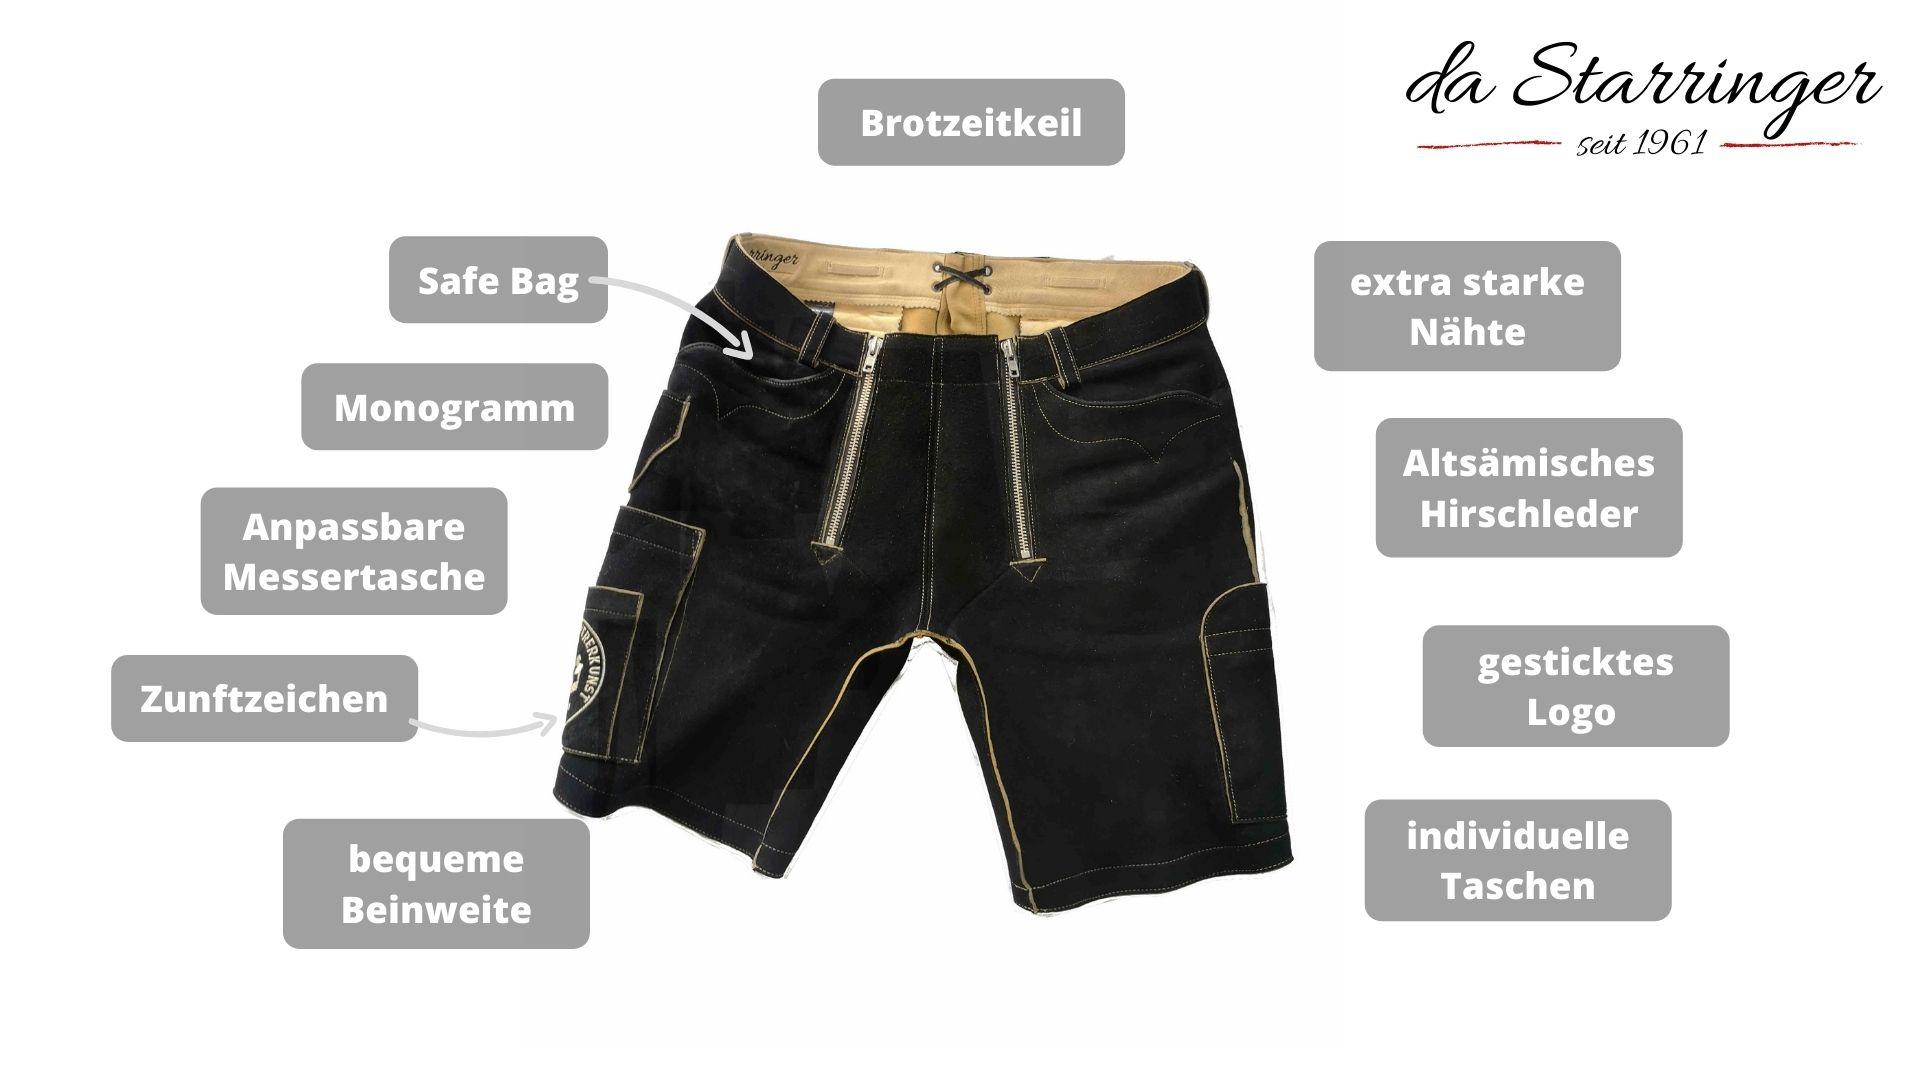 Handwerkerledrehose für Zimmerer Hosen für zimmerer